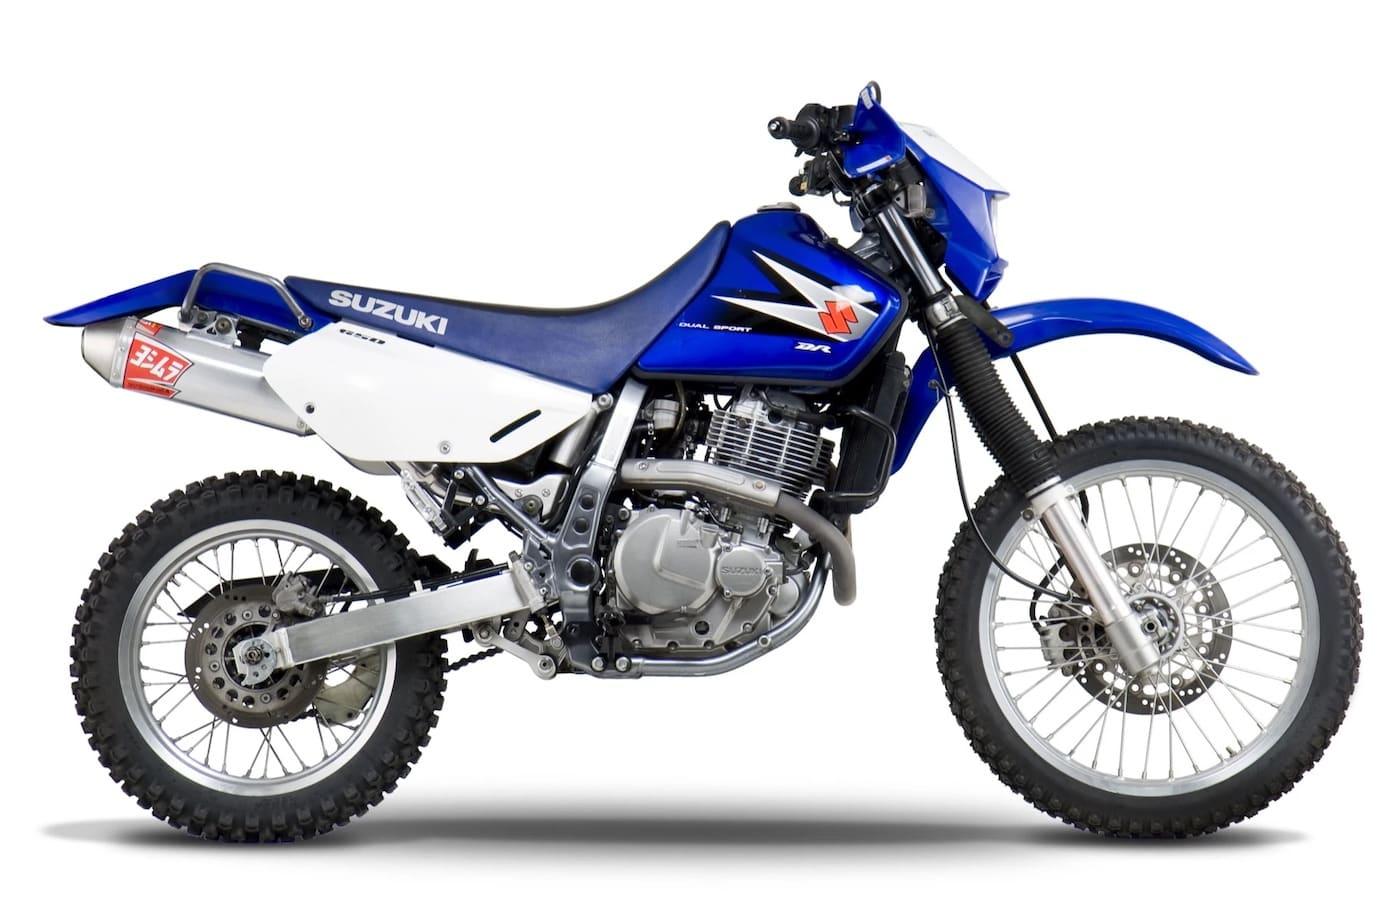 Blue suzuki dr650 stock photo